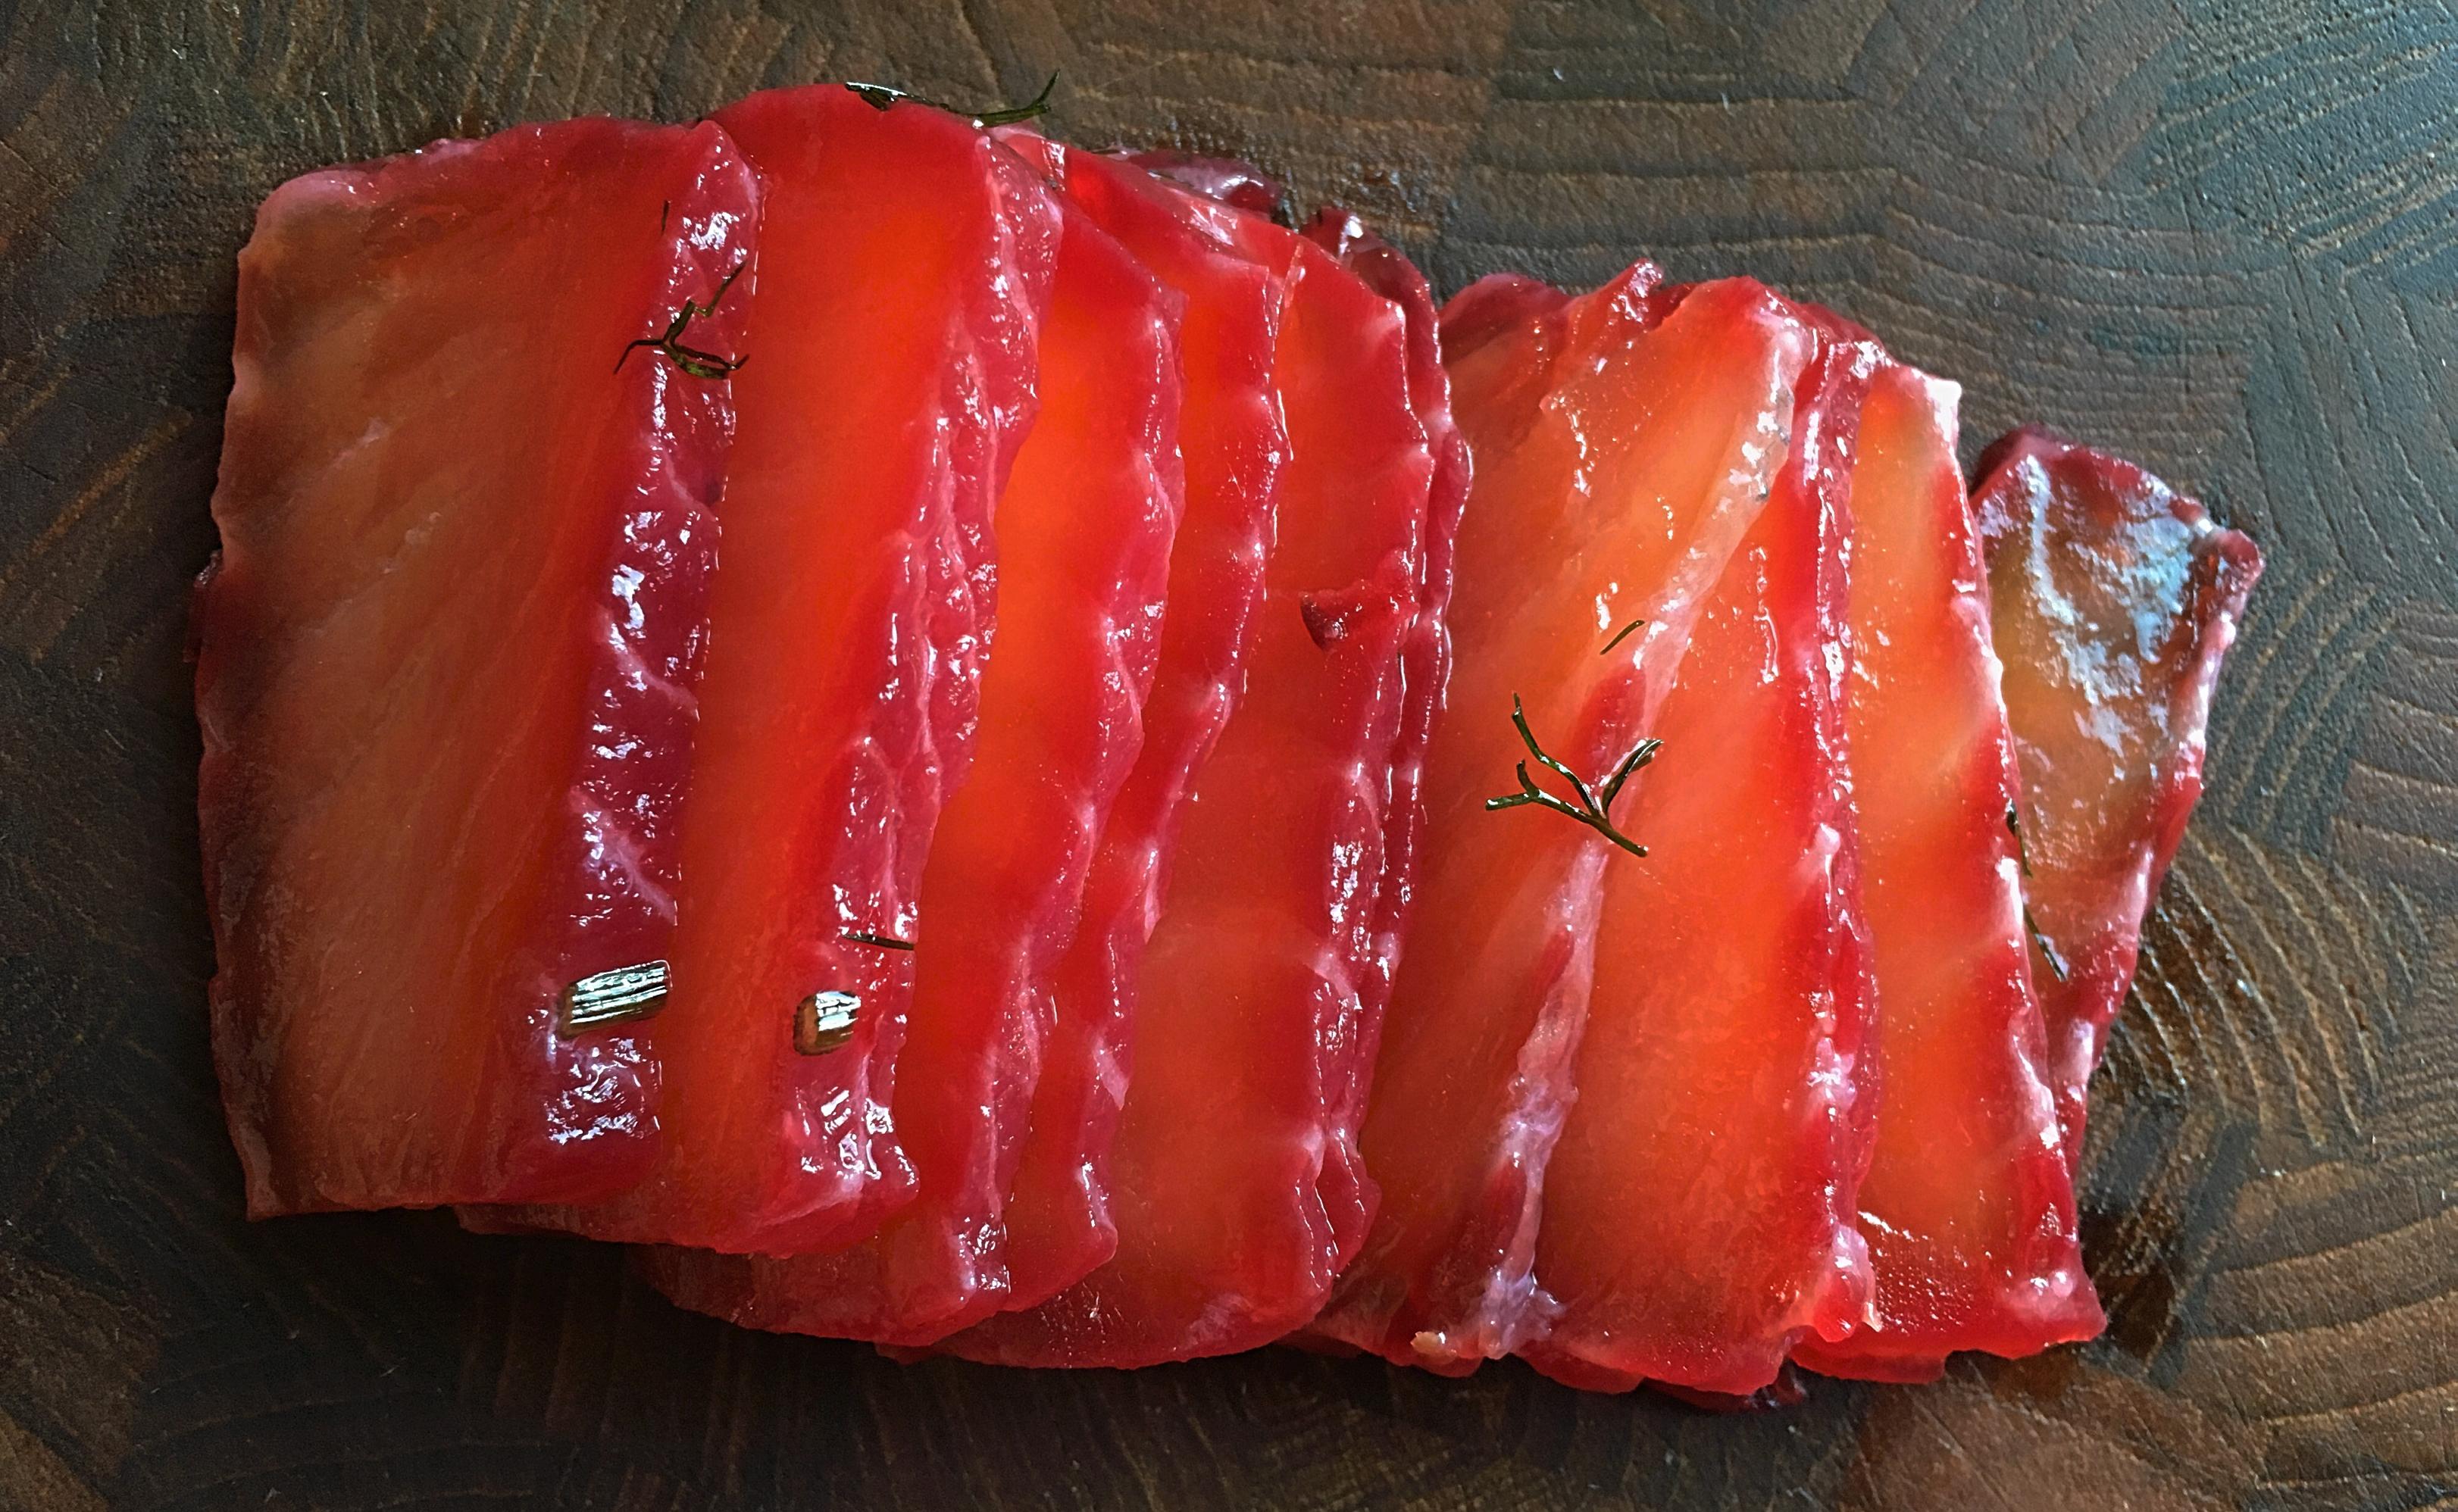 2 gånger gravlax: rödbetsgravad lax